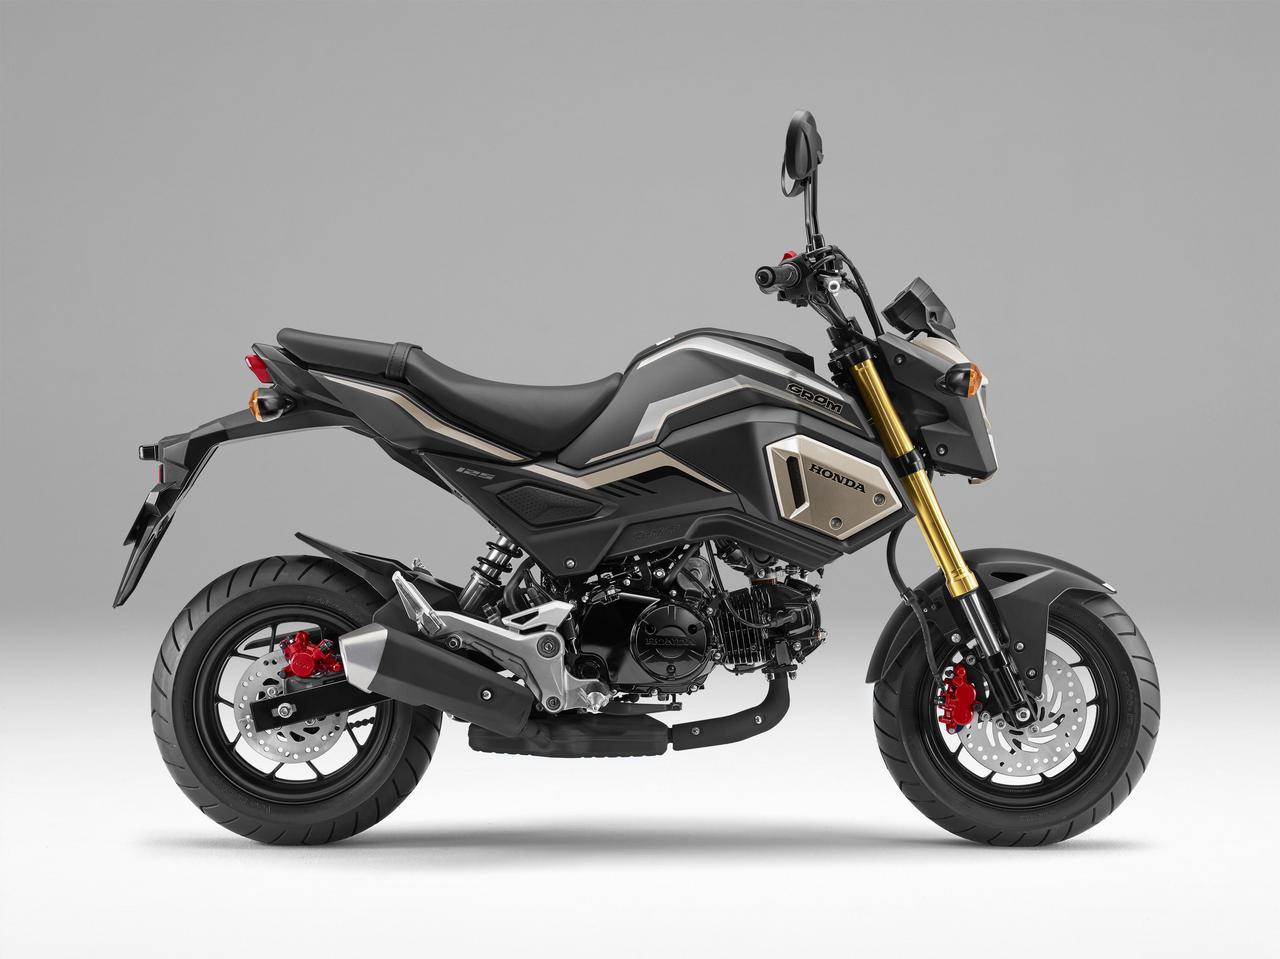 画像3: 原付二種ホンダ「グロム」の2020年モデルが3月13日(金)に発売! イメージを一新するカラー&グラフィック